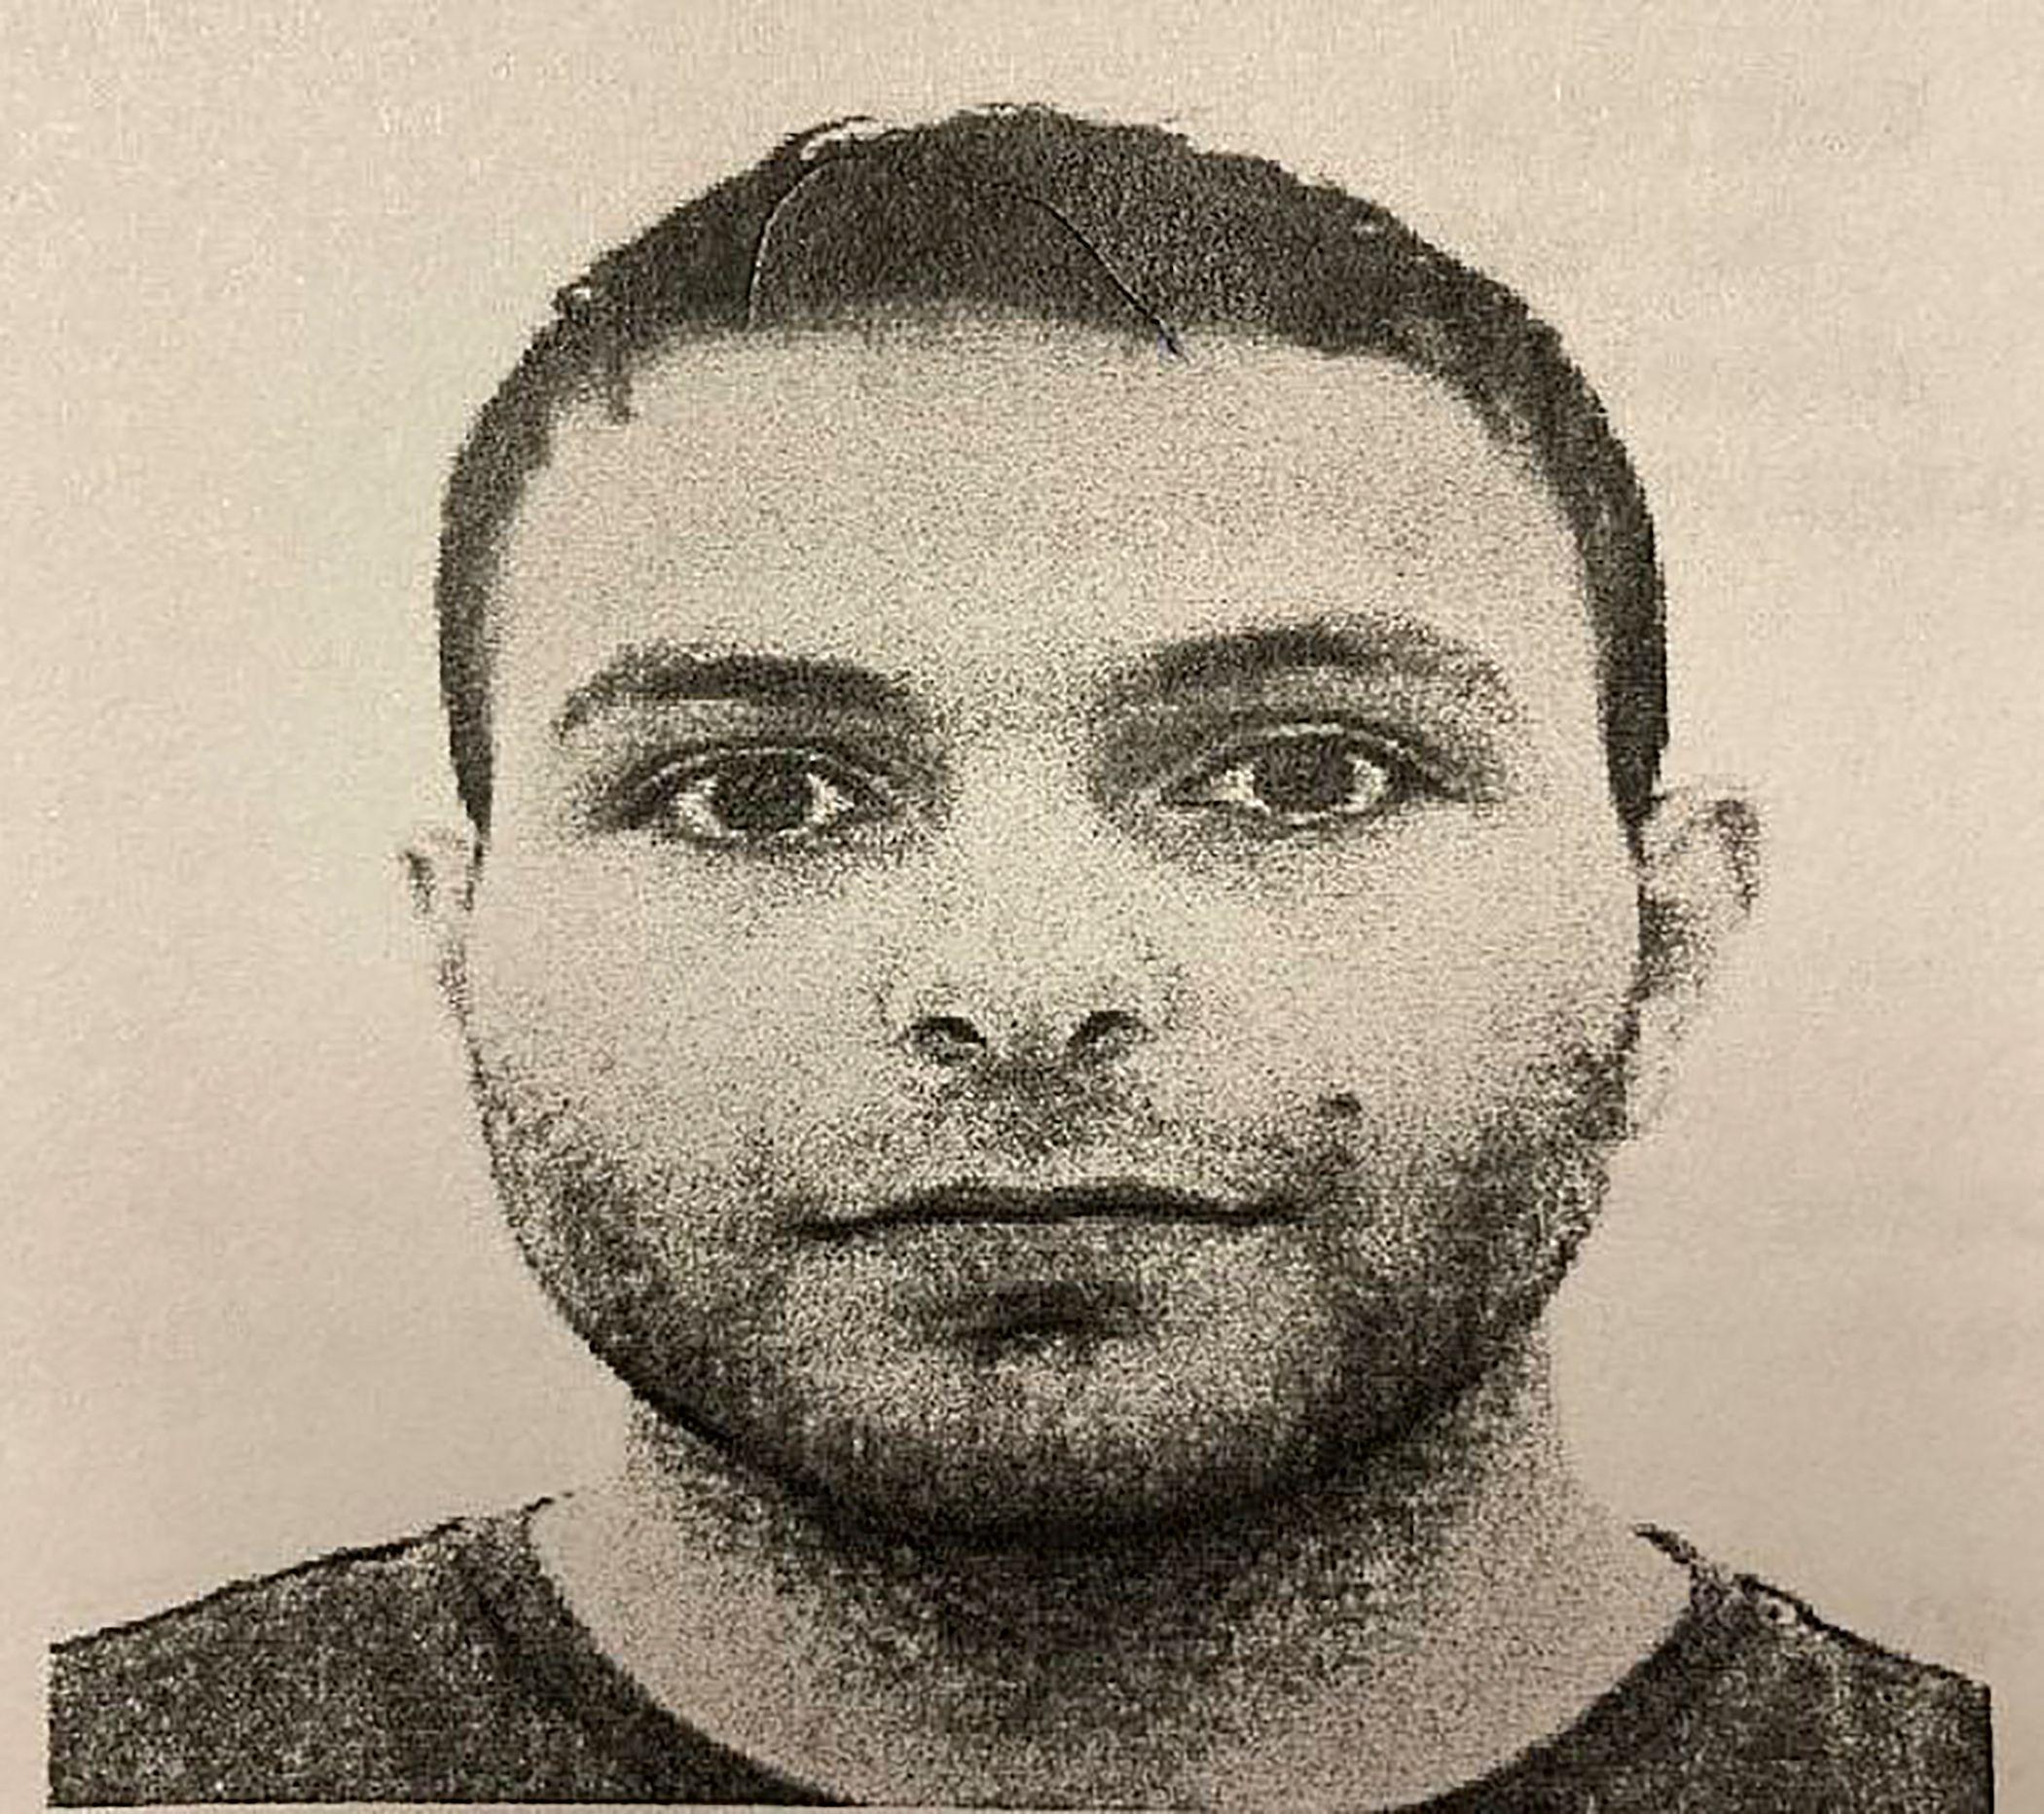 El sospechoso del ataque en Boulder, Ahmad Alissa.